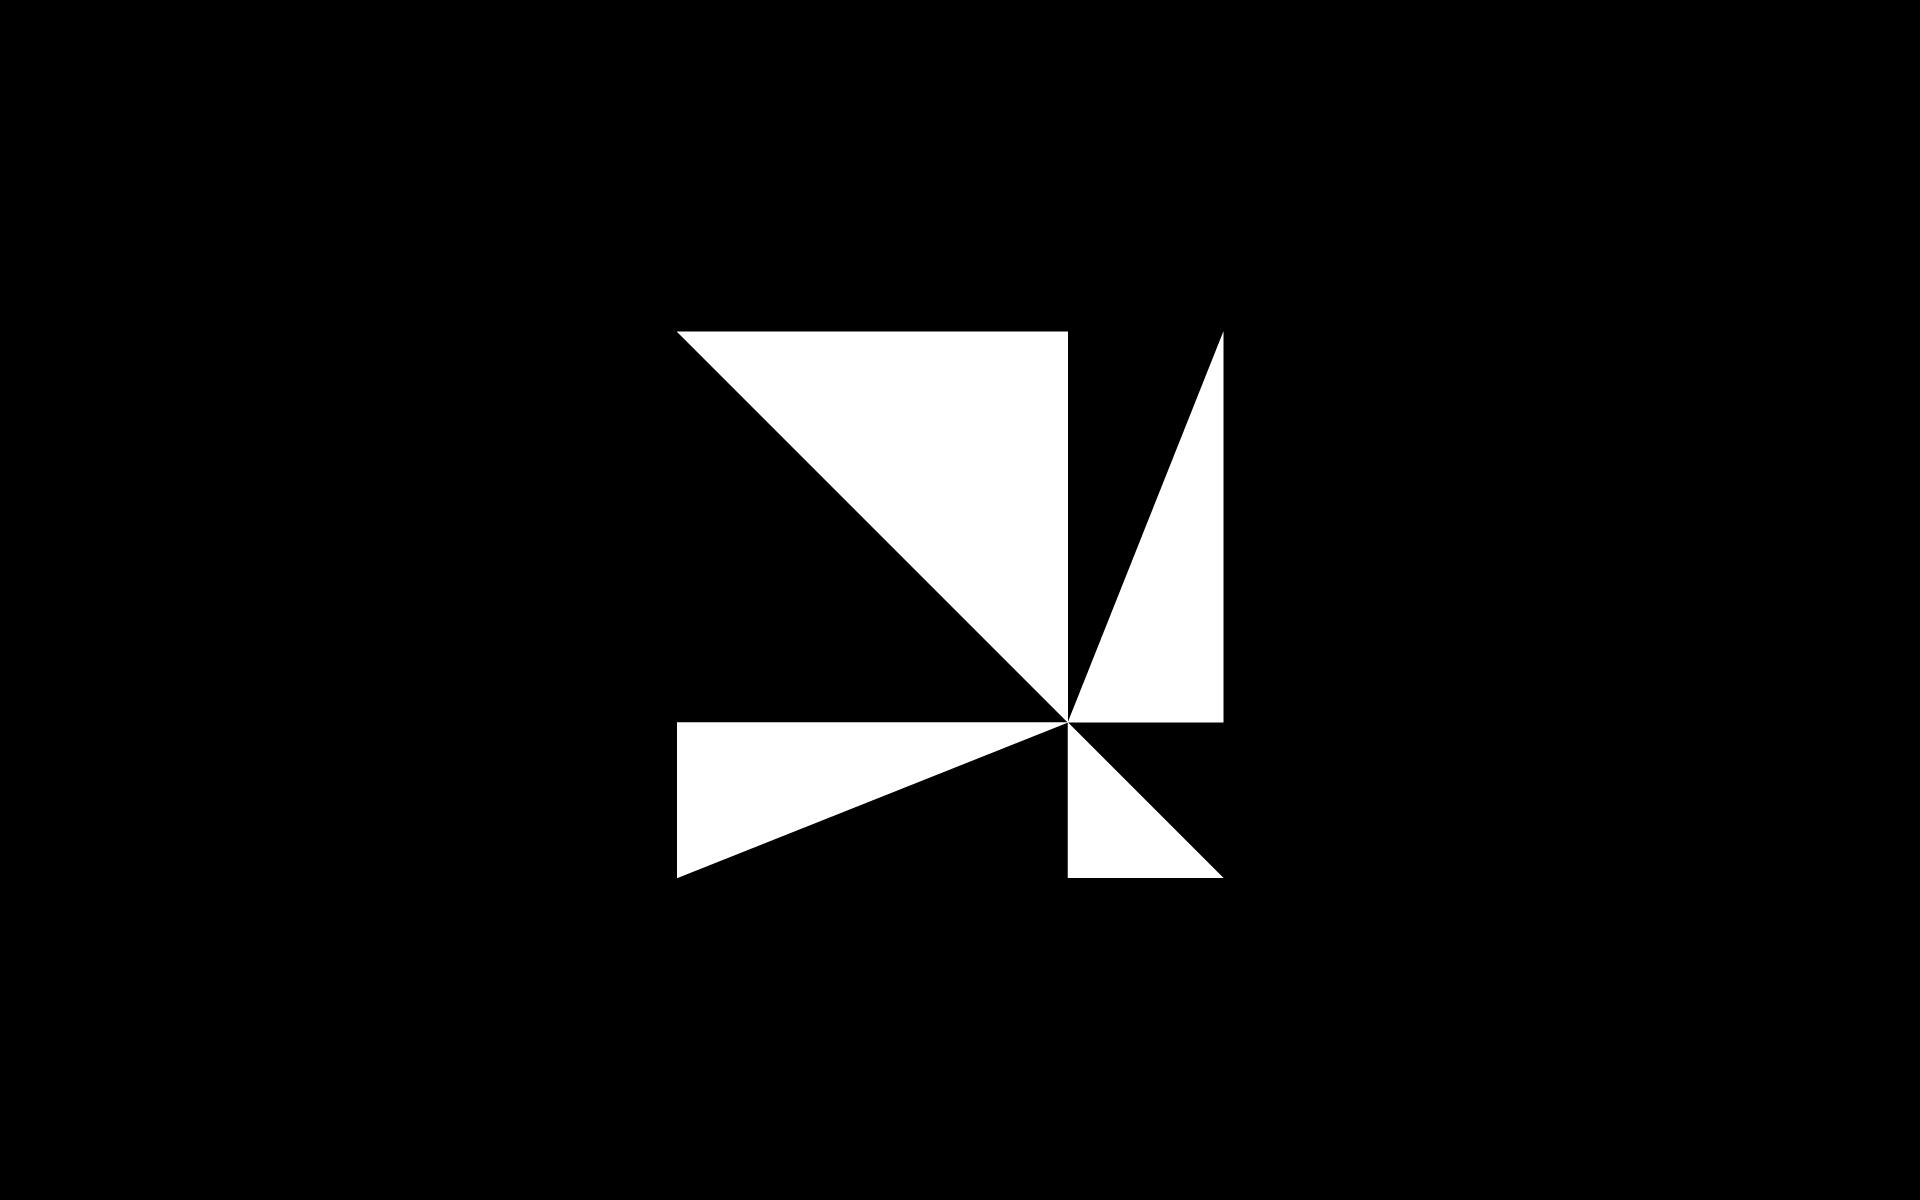 Logo-and-Brandmark-Designs-11.jpg